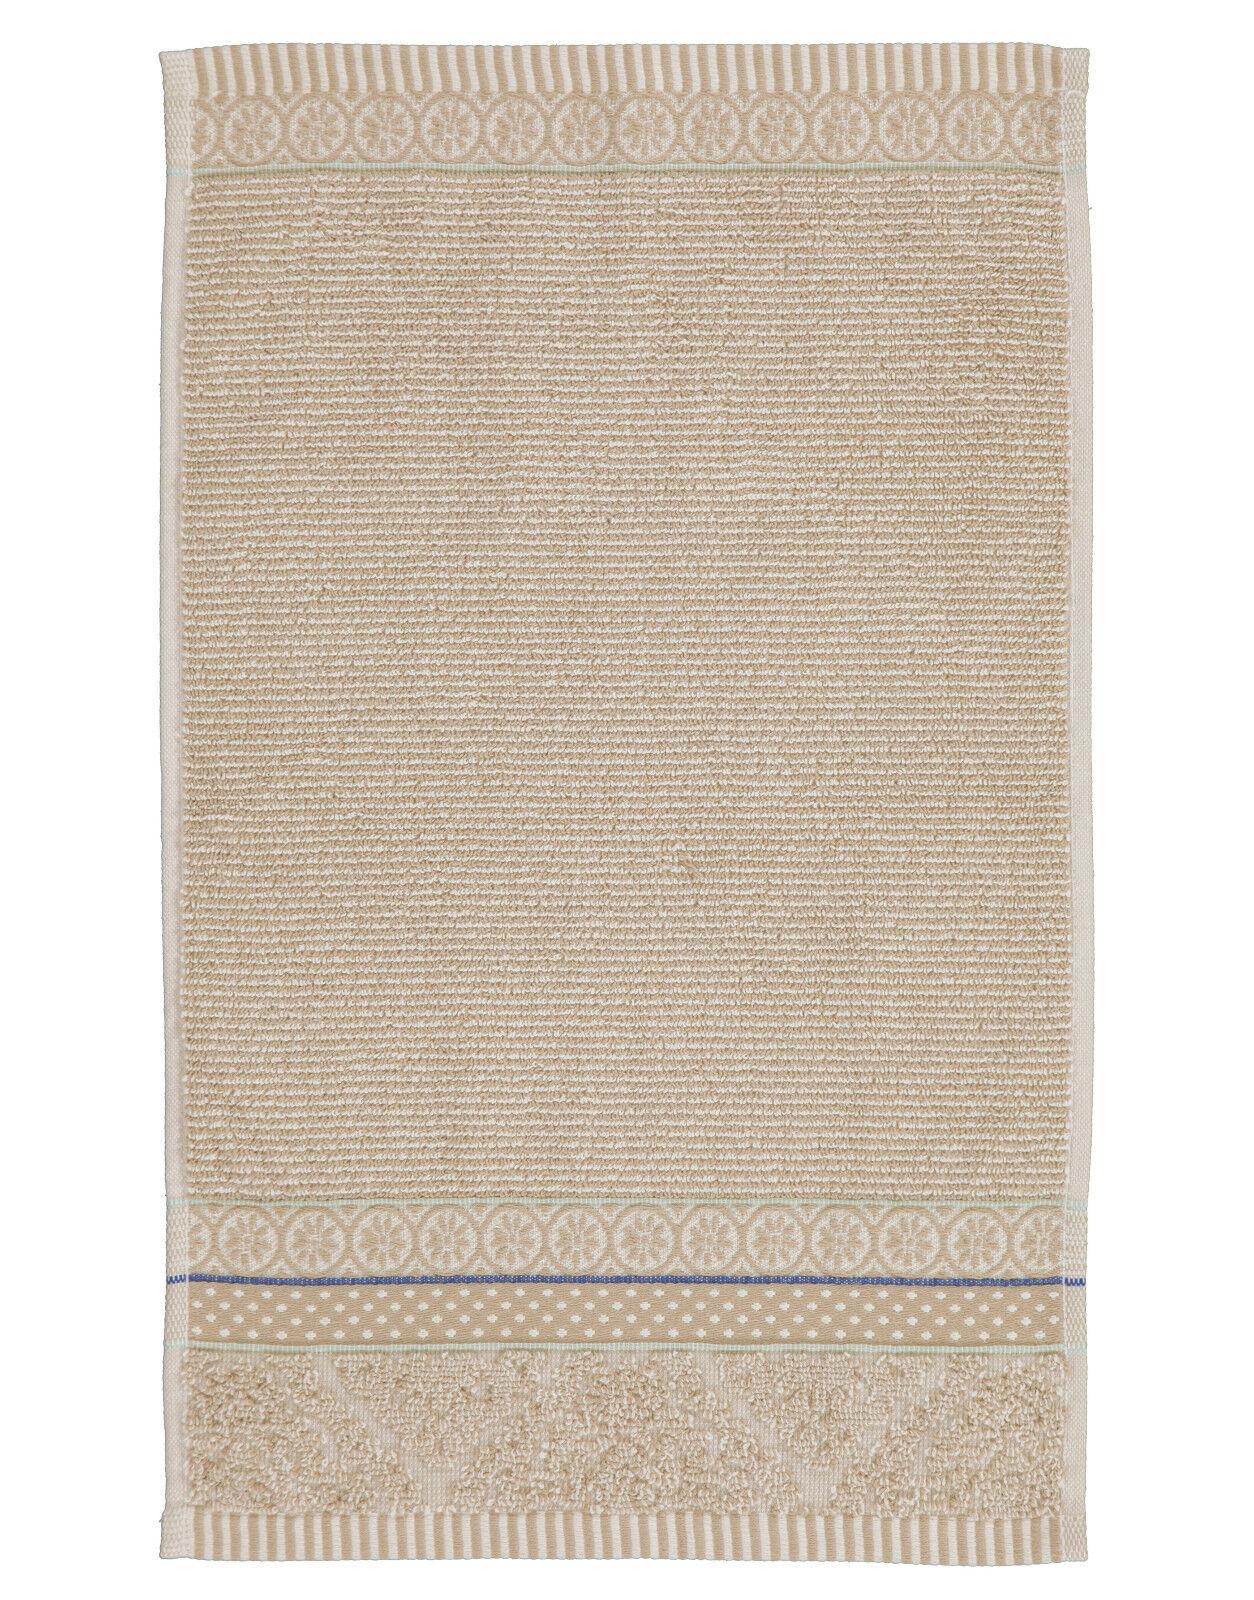 PiP Handtücher Soft Zellige Khaki  30x50(2tlg) 55x100 70x140 Frottier Handtücher     | Öffnen Sie das Interesse und die Innovation Ihres Kindes, aber auch die Unschuld von Kindern, kindlich, glücklich